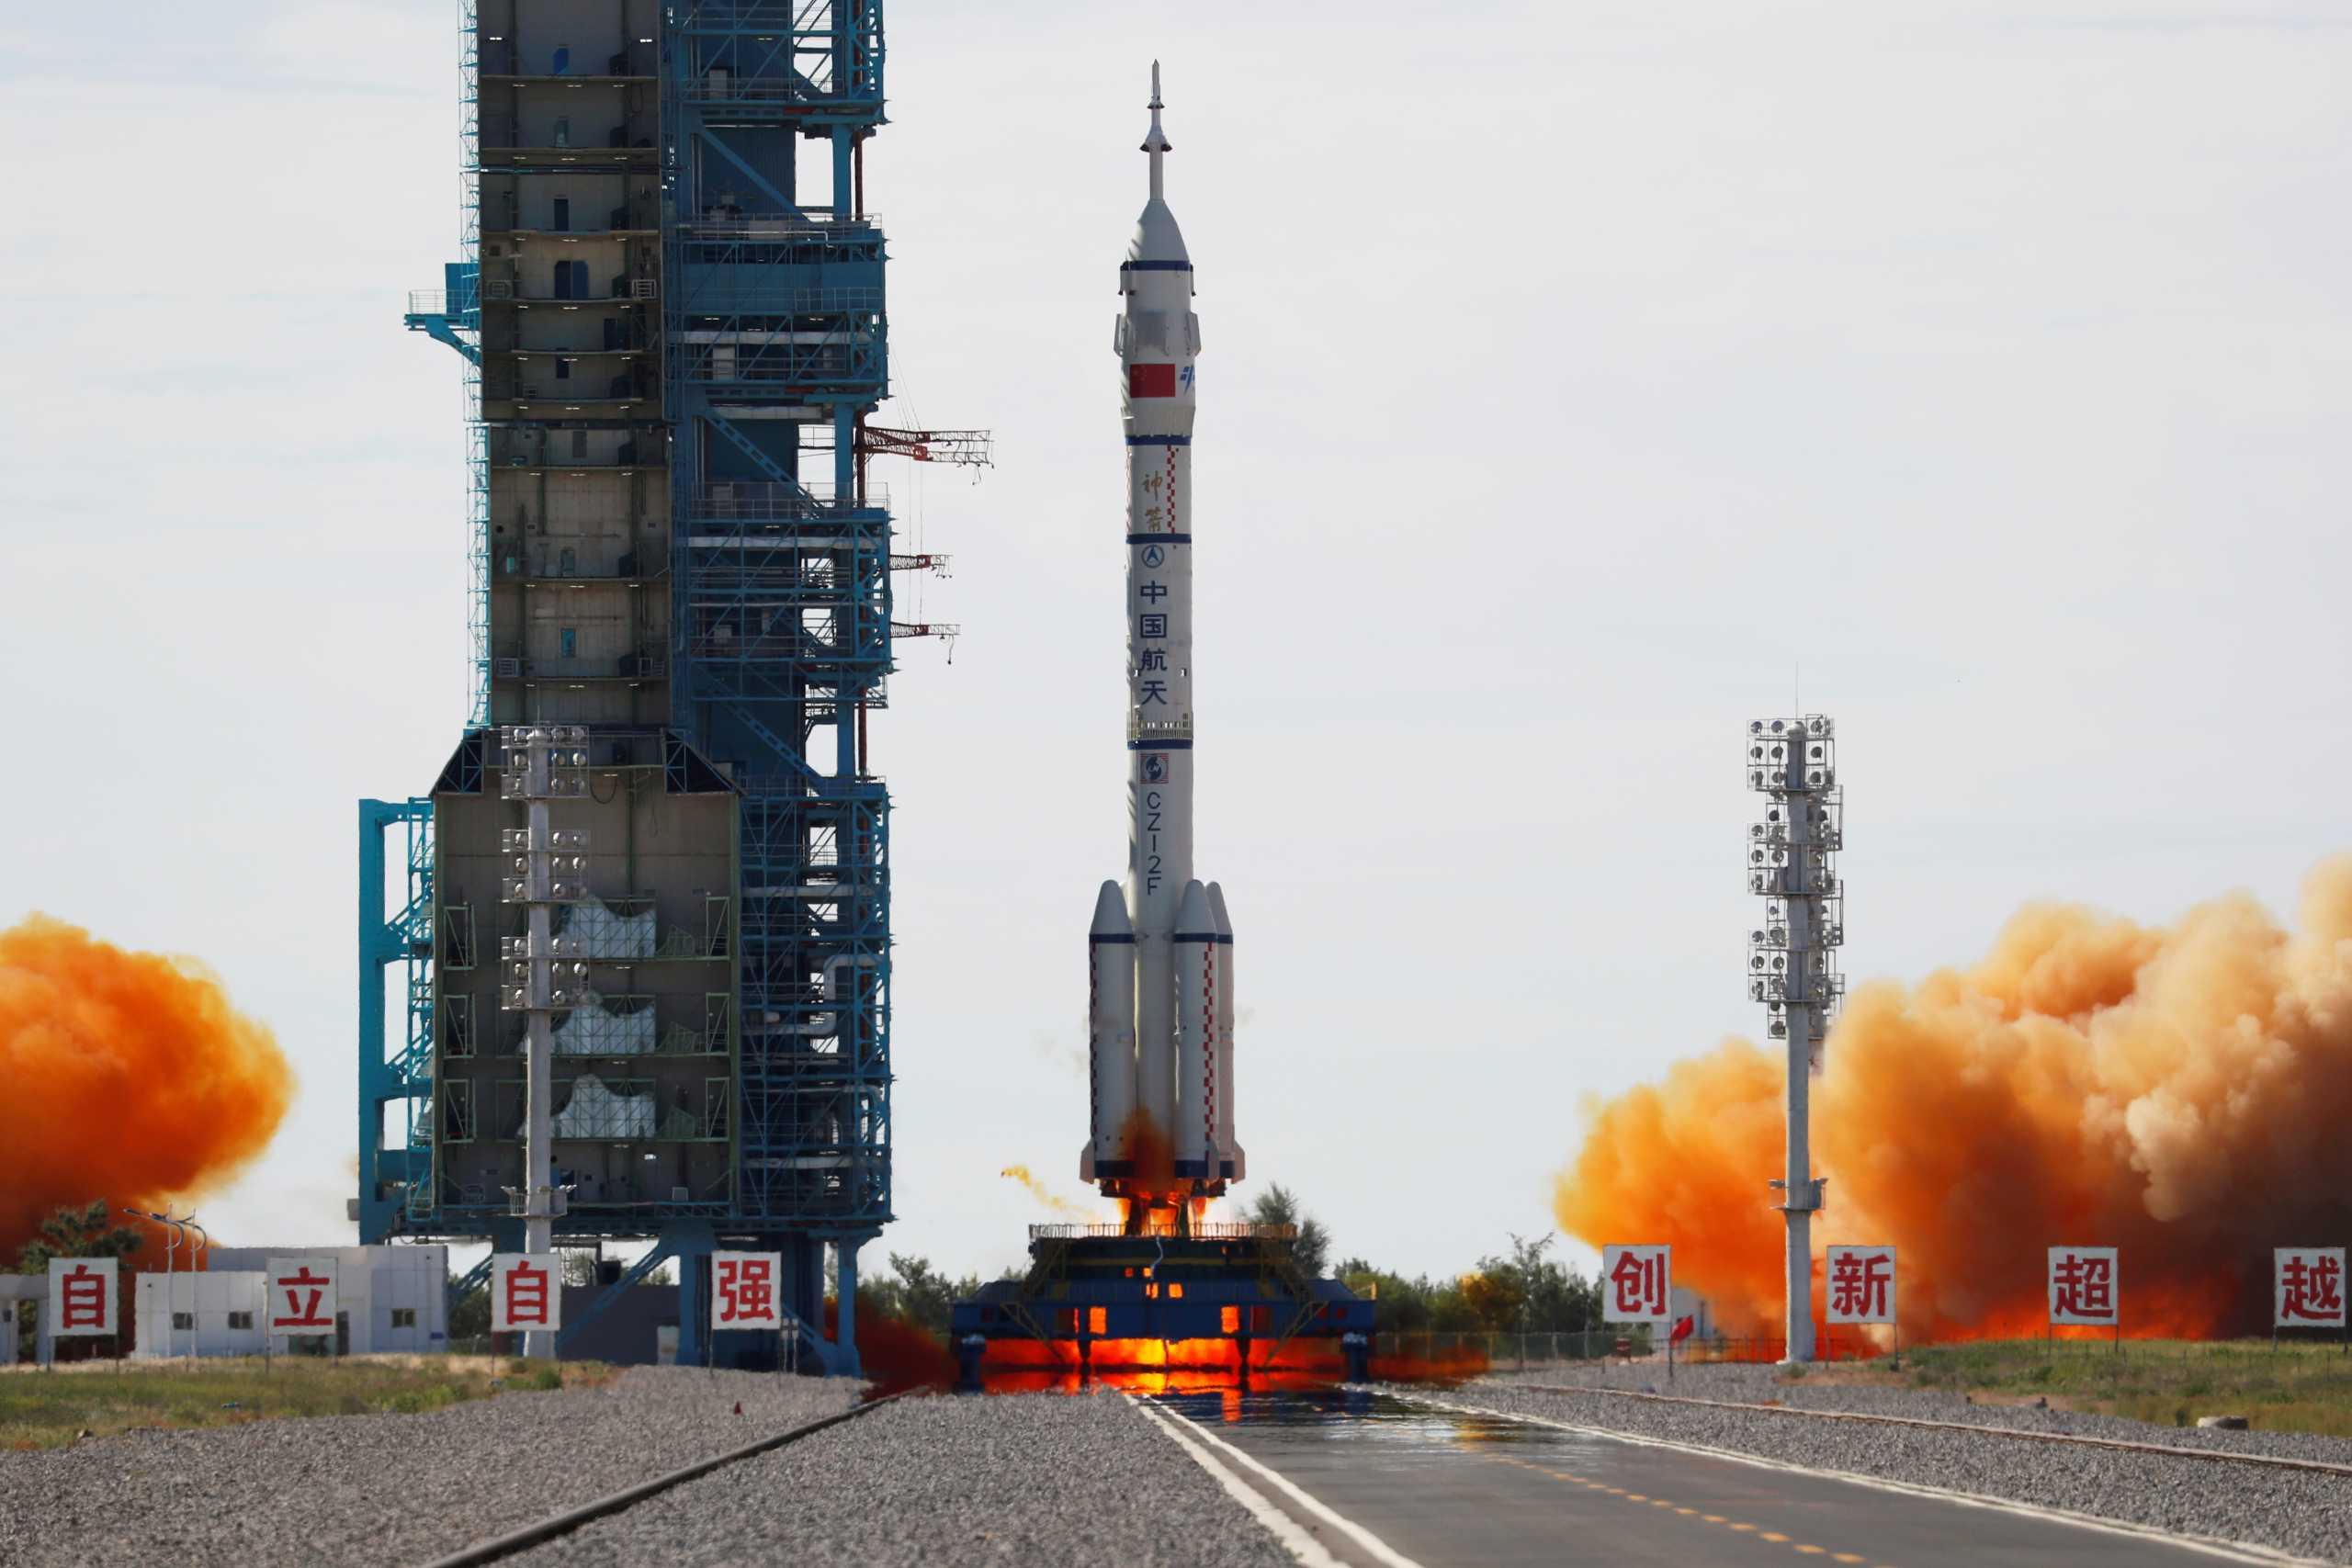 Κίνα: Απογειώθηκε η πρώτη επανδρωμένη αποστολή για το διάστημα –  Εντυπωσιακές εικόνες